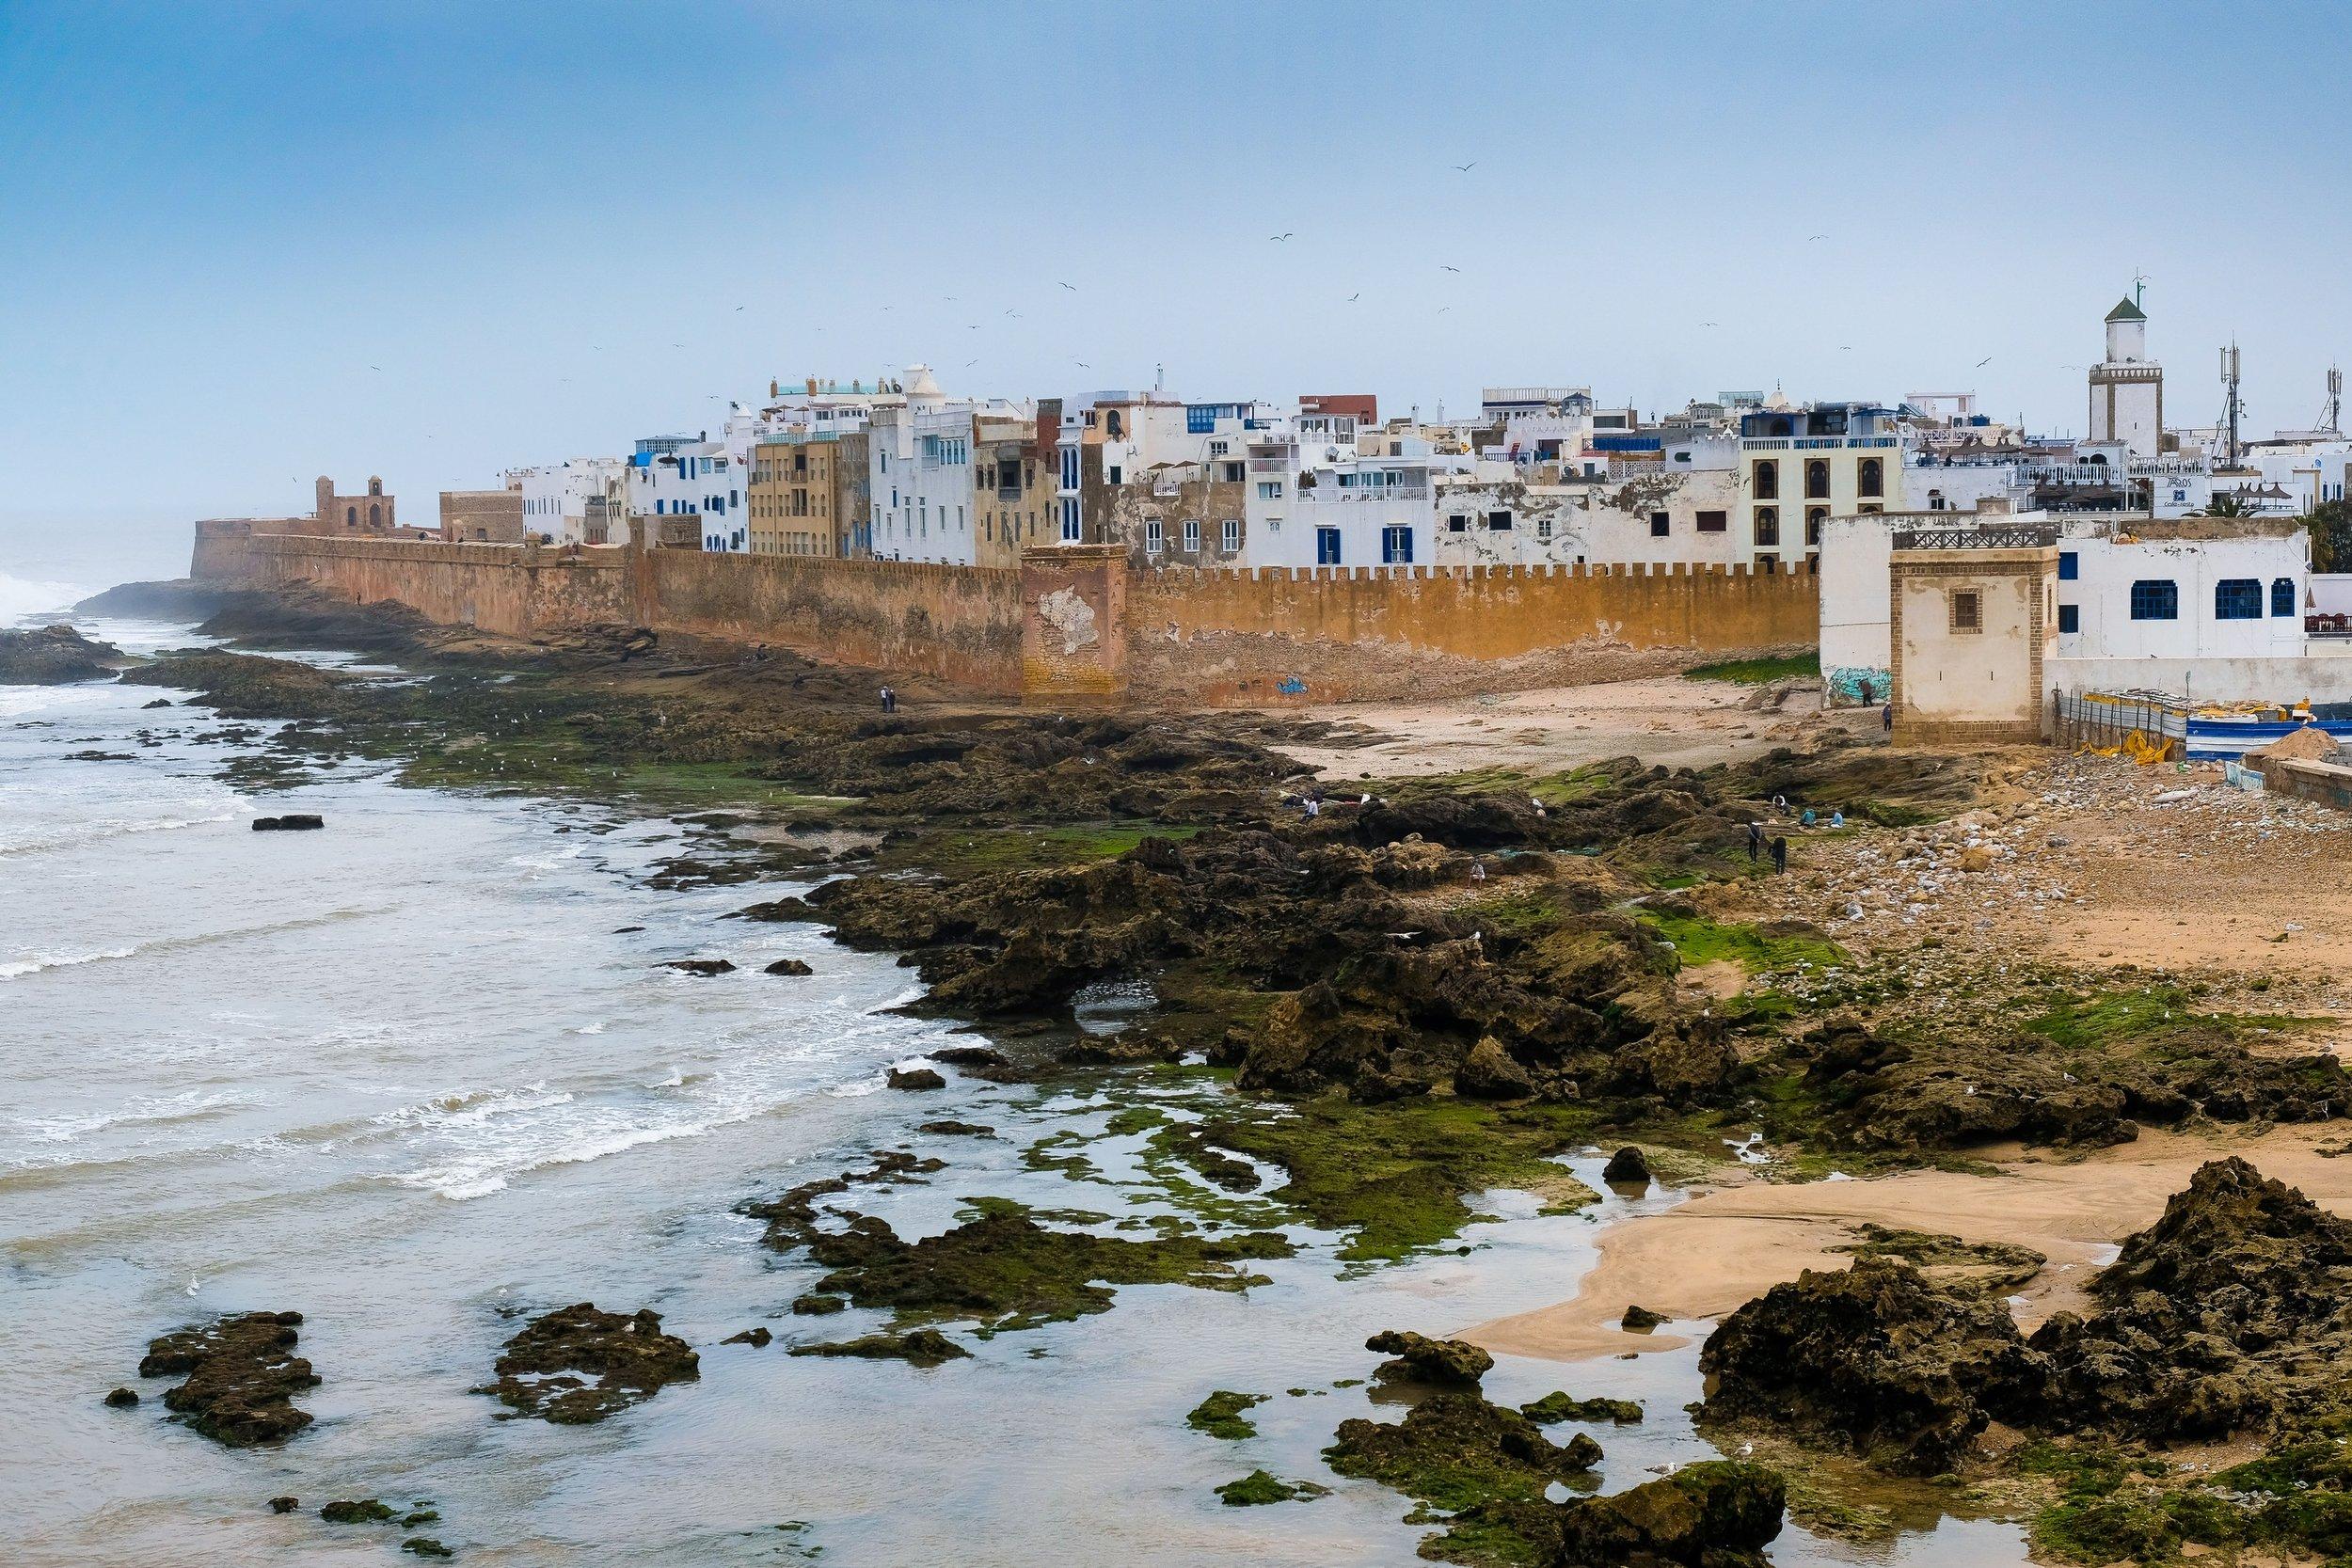 qWNvonTpjb9sdEuXIfAU_full_E Sawatzky - Essaouira The Little Rampart-2.jpg